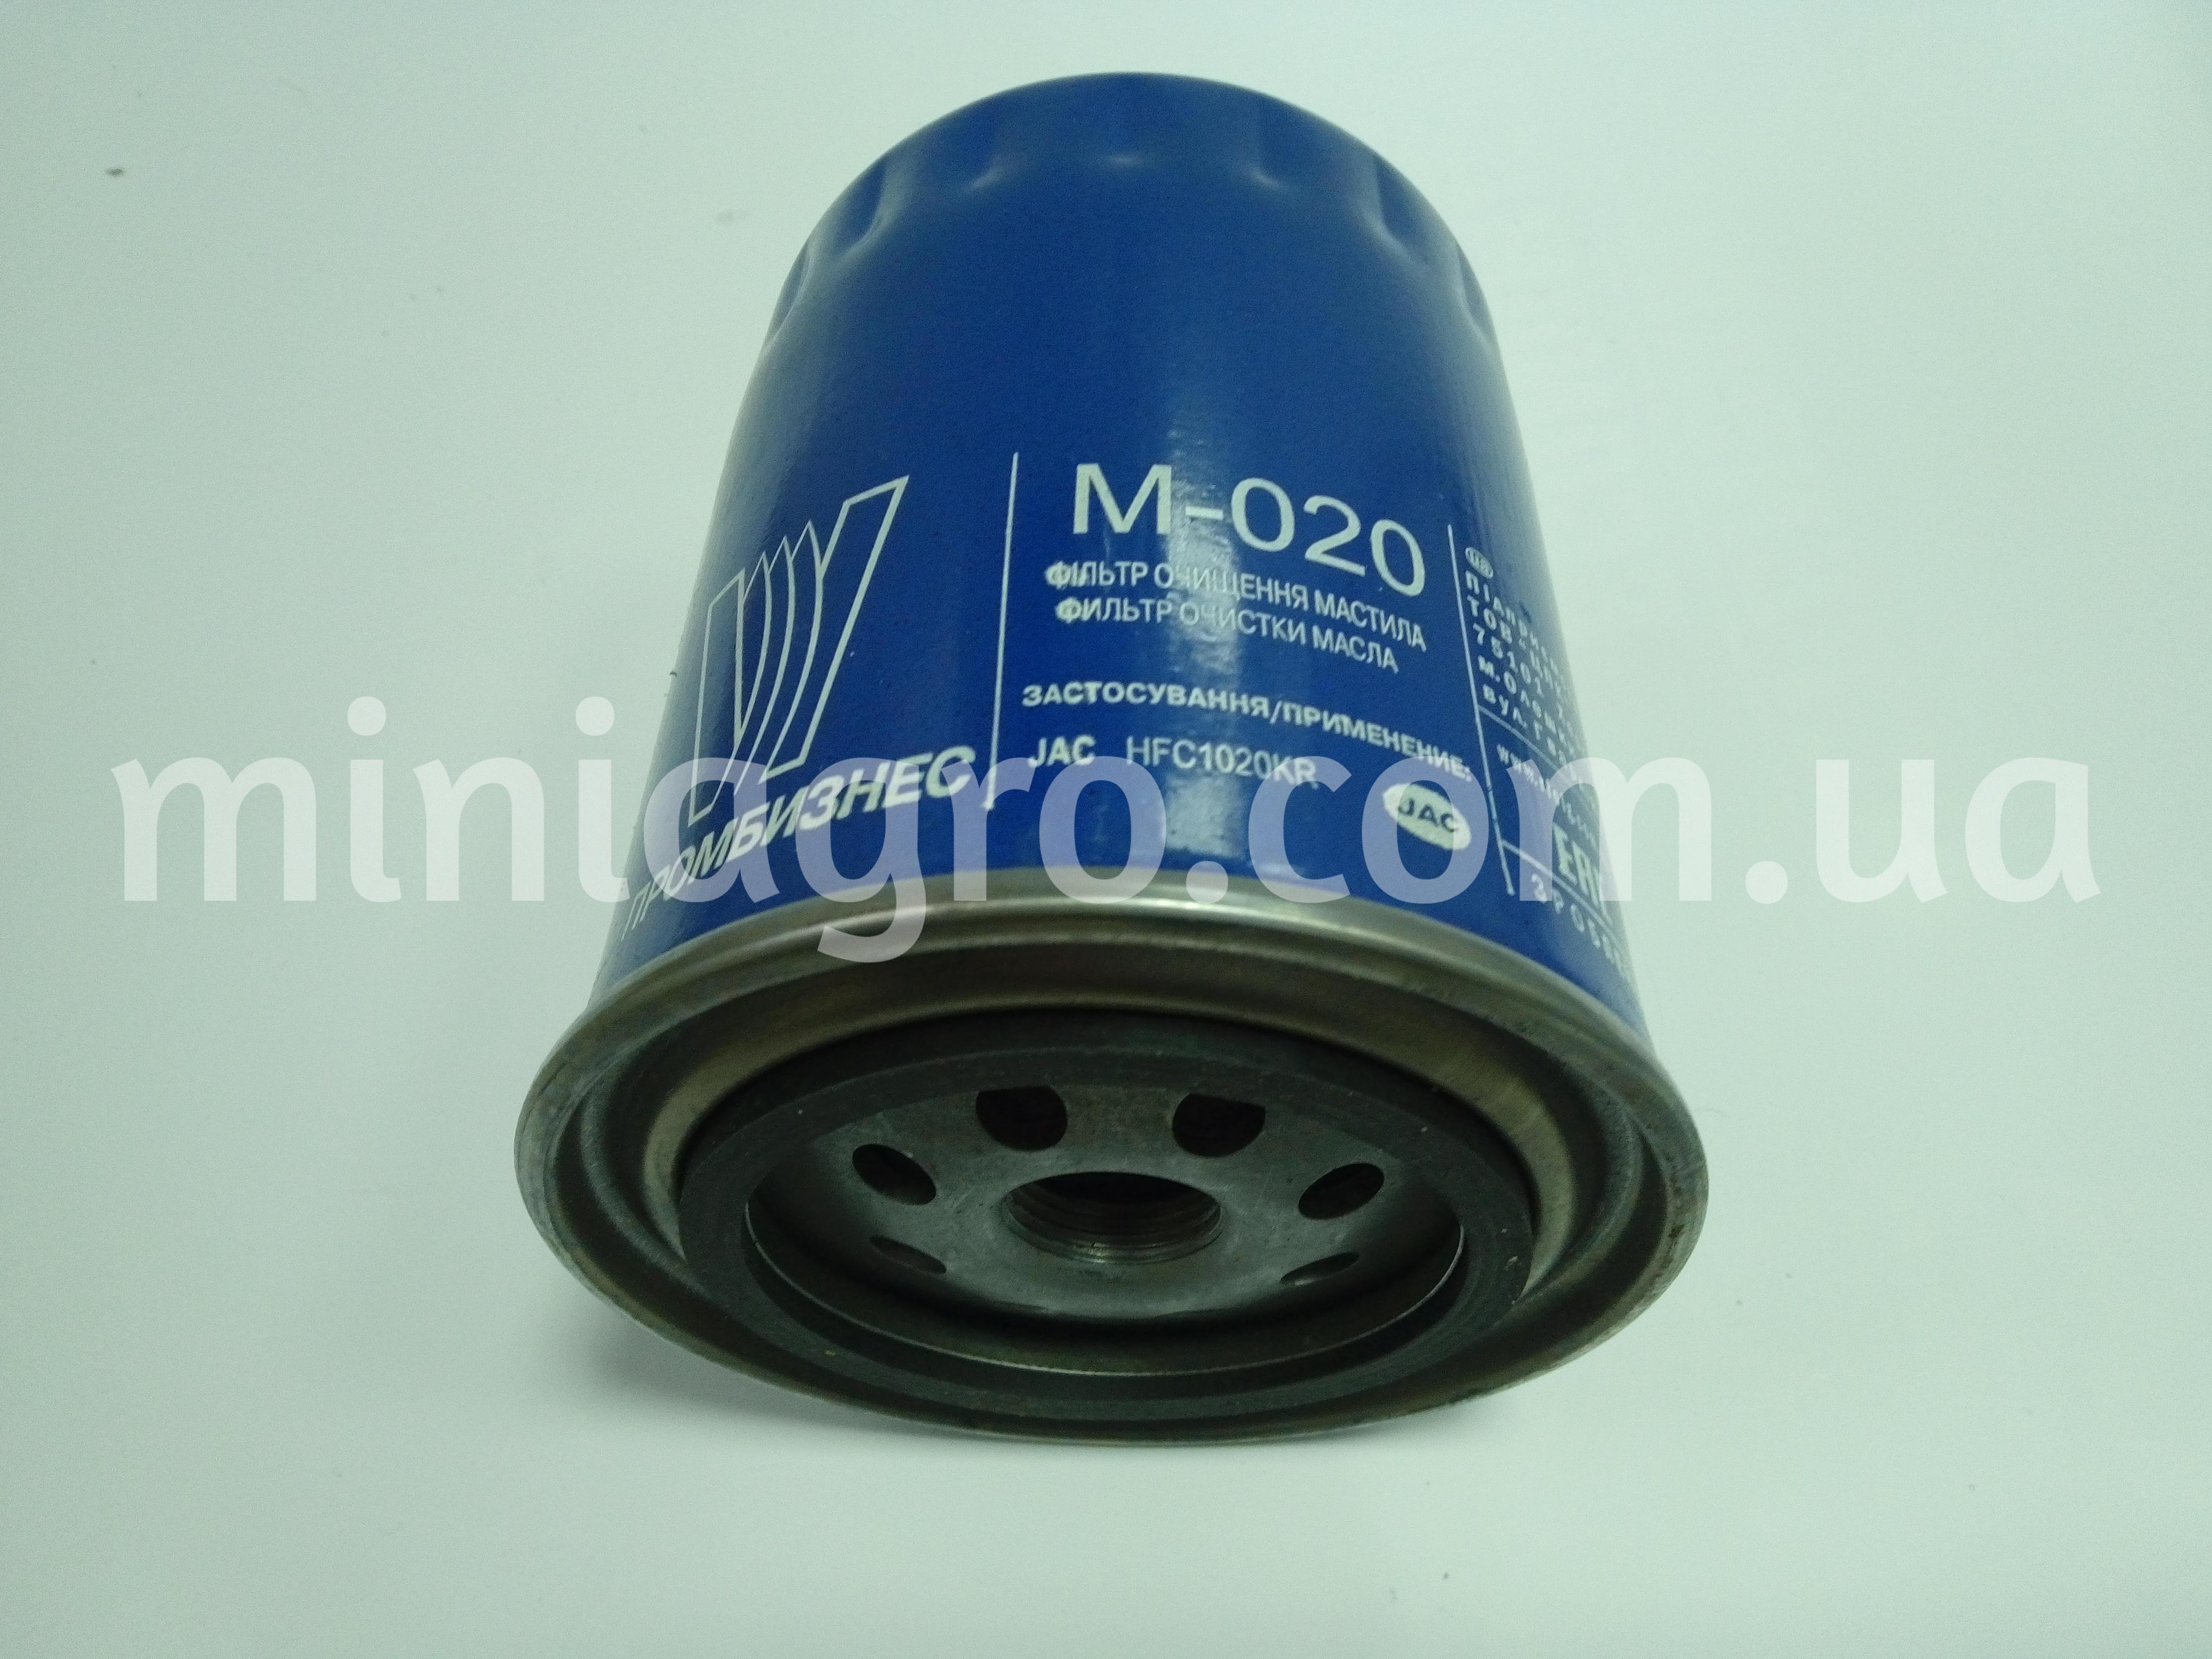 Фільтр масляний М-020 DF244 FS244